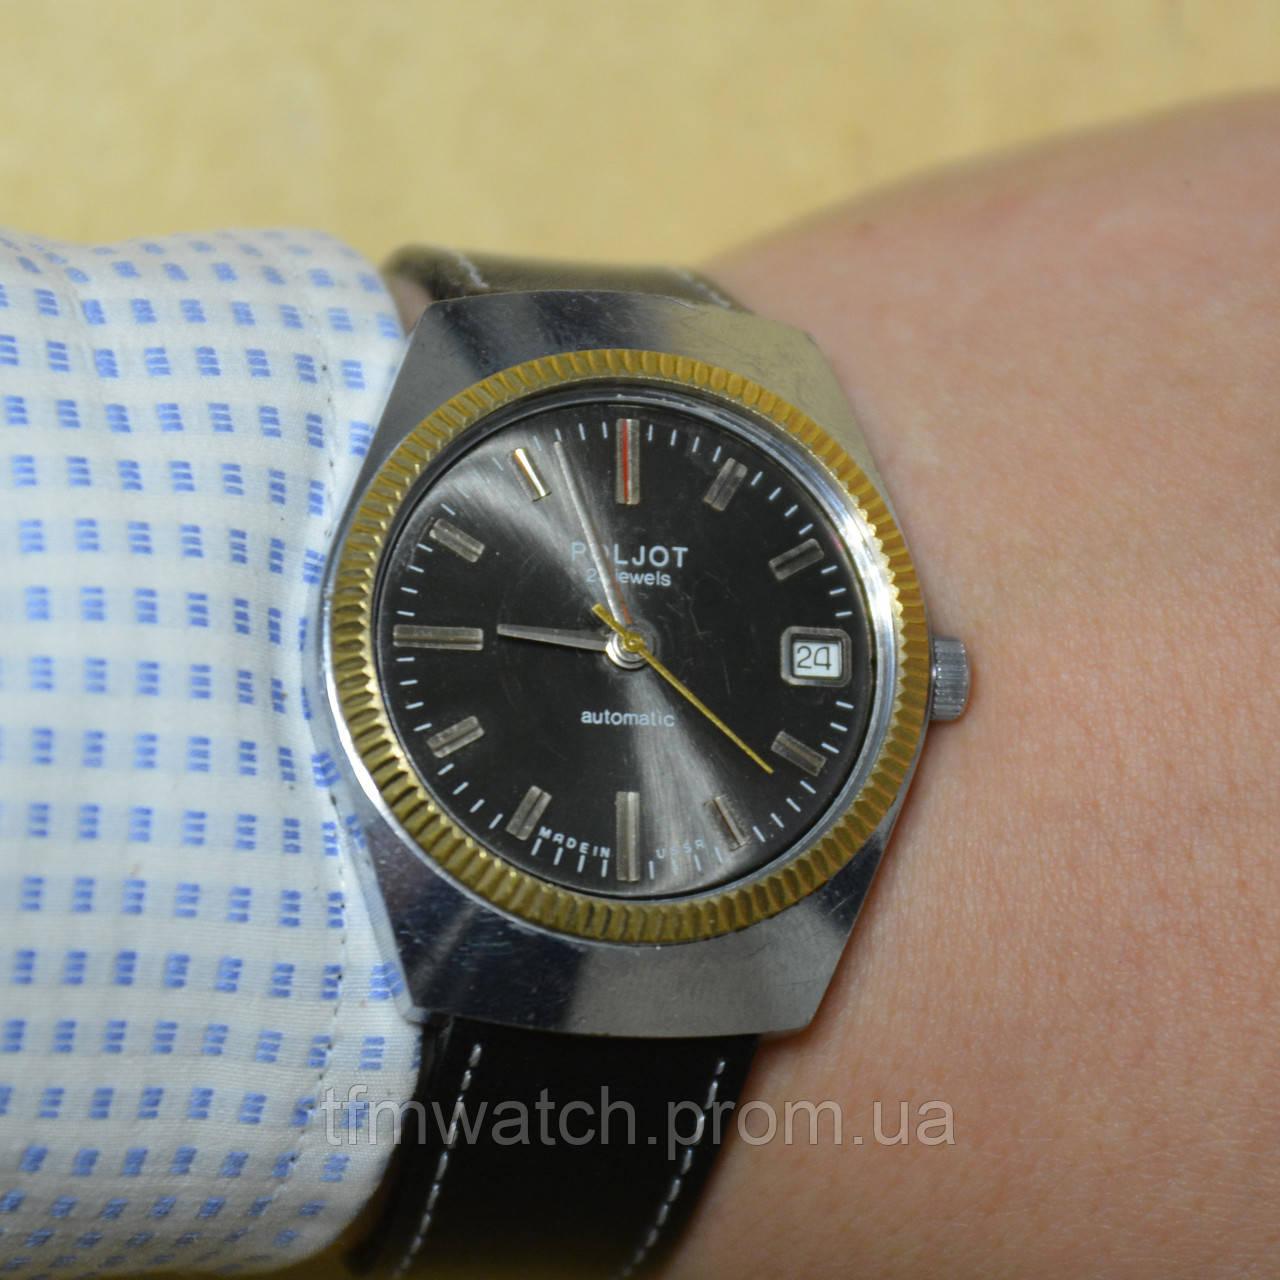 4446b607ccba Poljot Полет мужские наручные часы СССР - Магазин старинных, винтажных и  антикварных часов TFMwatch в